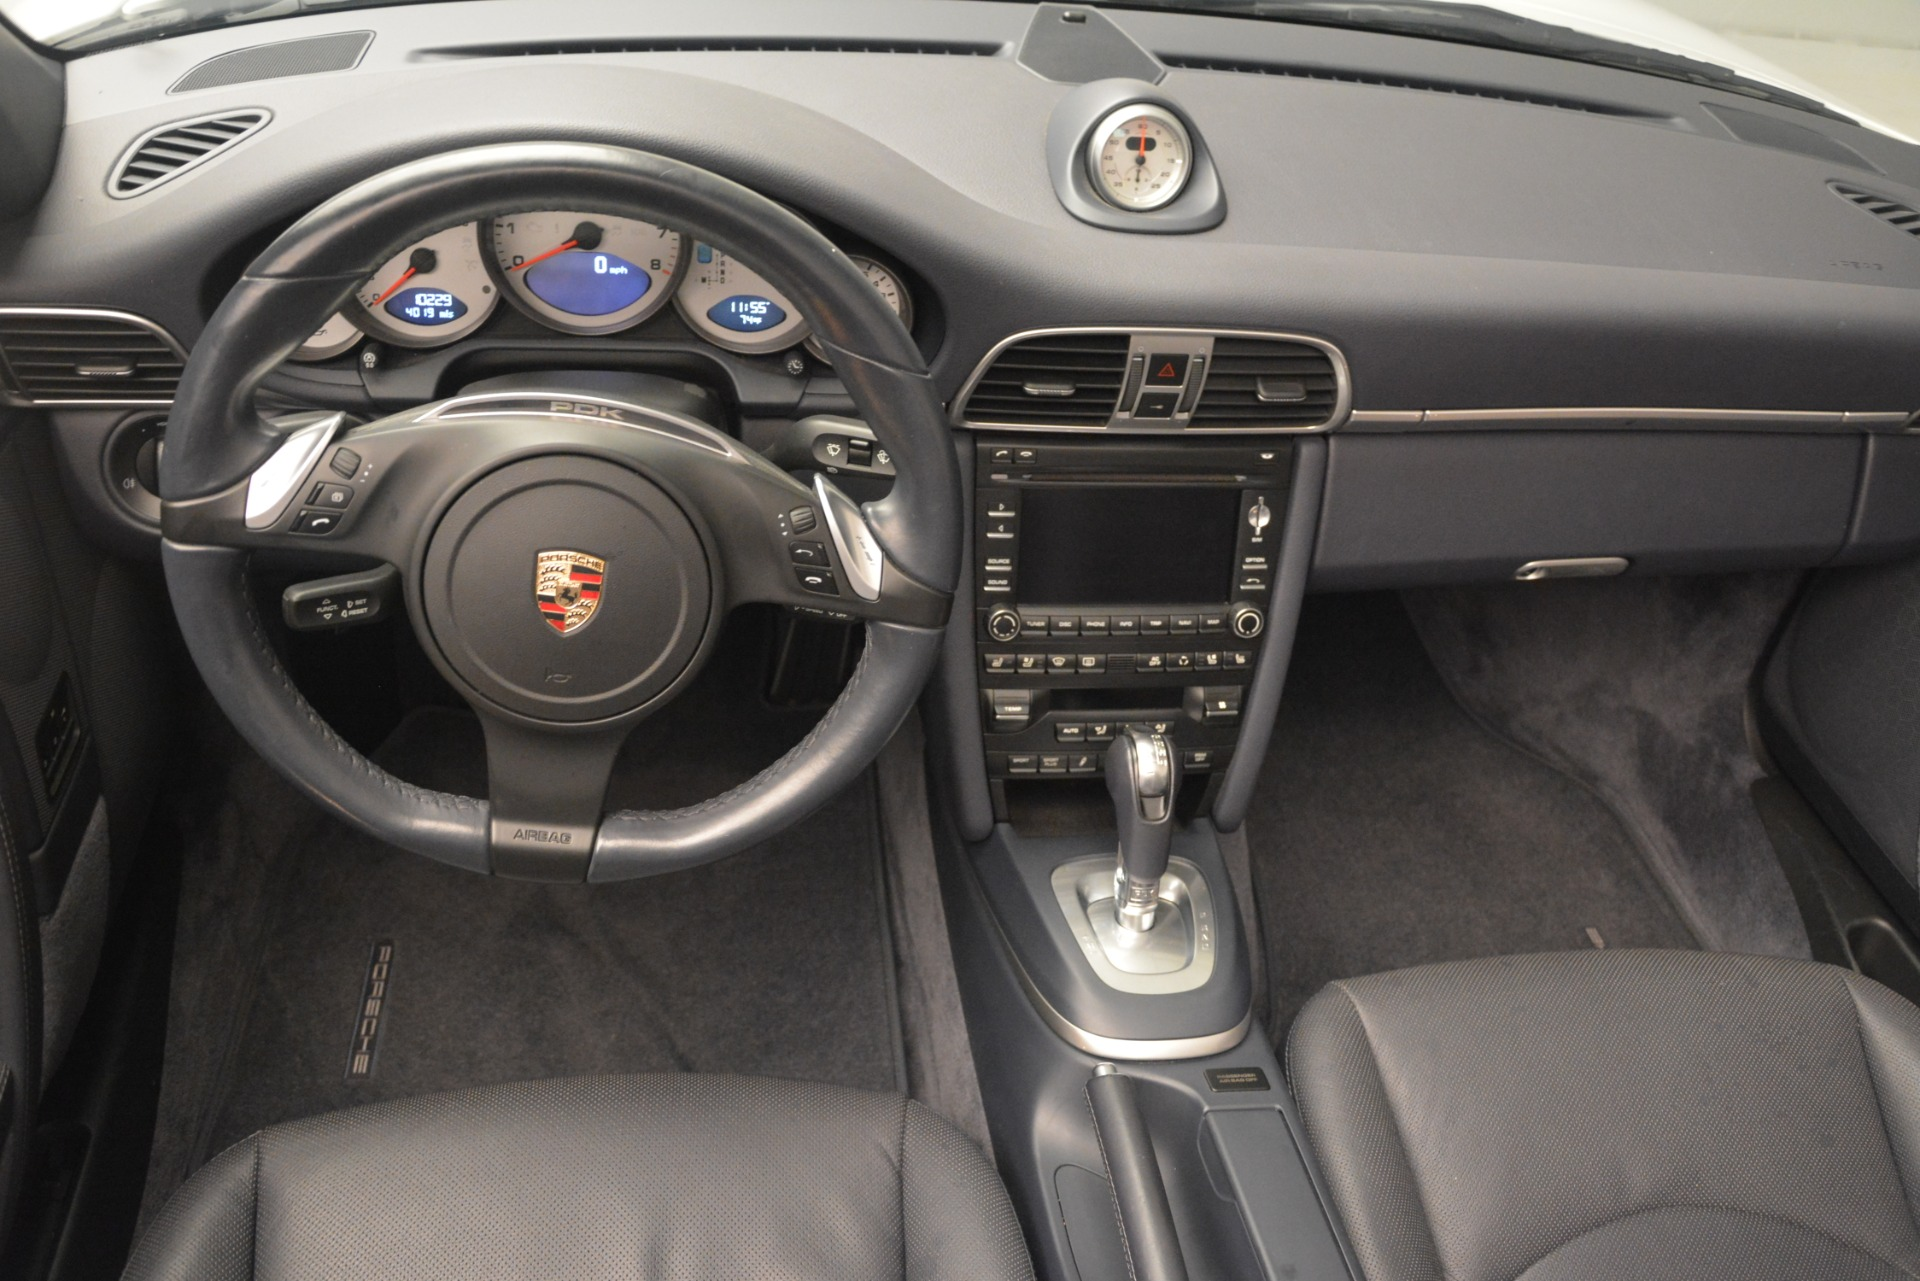 Used 2011 Porsche 911 Carrera 4S For Sale In Westport, CT 2600_p21